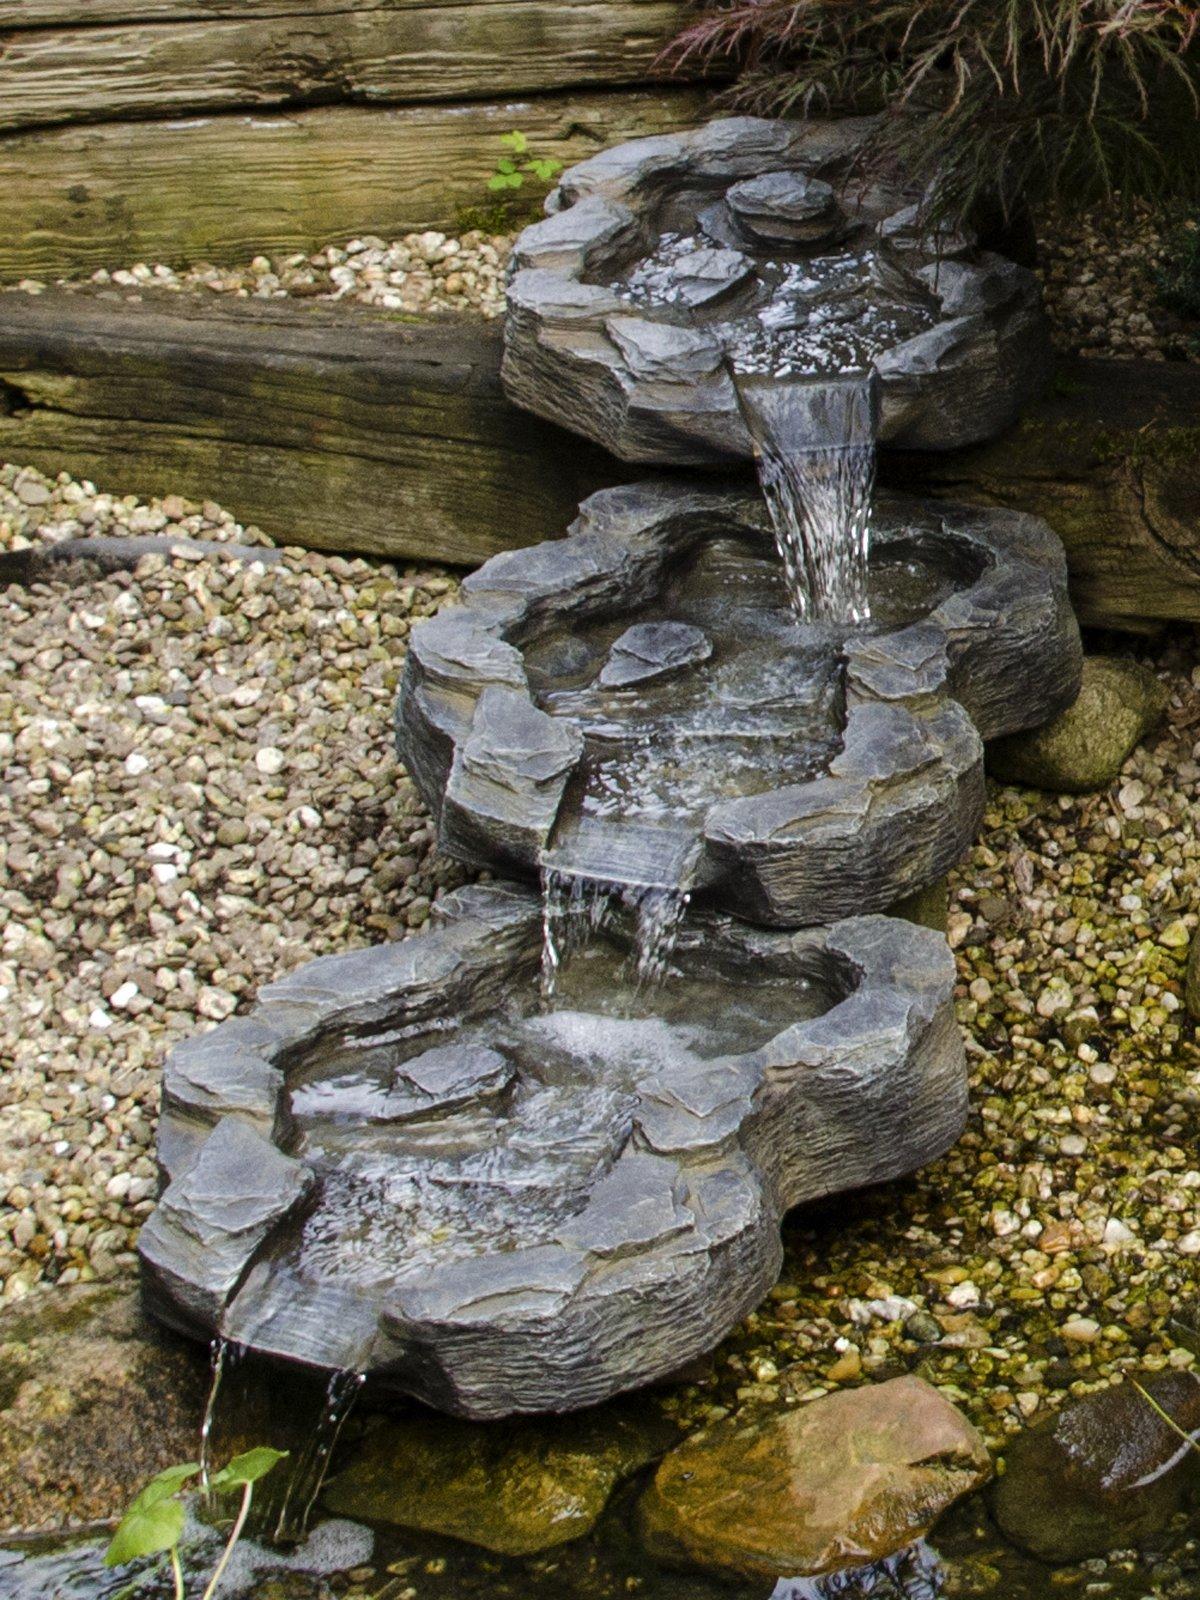 Köhko 140016, Curso de arroyos de 3 partes El estuario del Elba en aspecto de piedra natural, Extensión de cascada aproximadamente 140 cm x 40 cm, 1 litro, gris: Amazon.es: Jardín